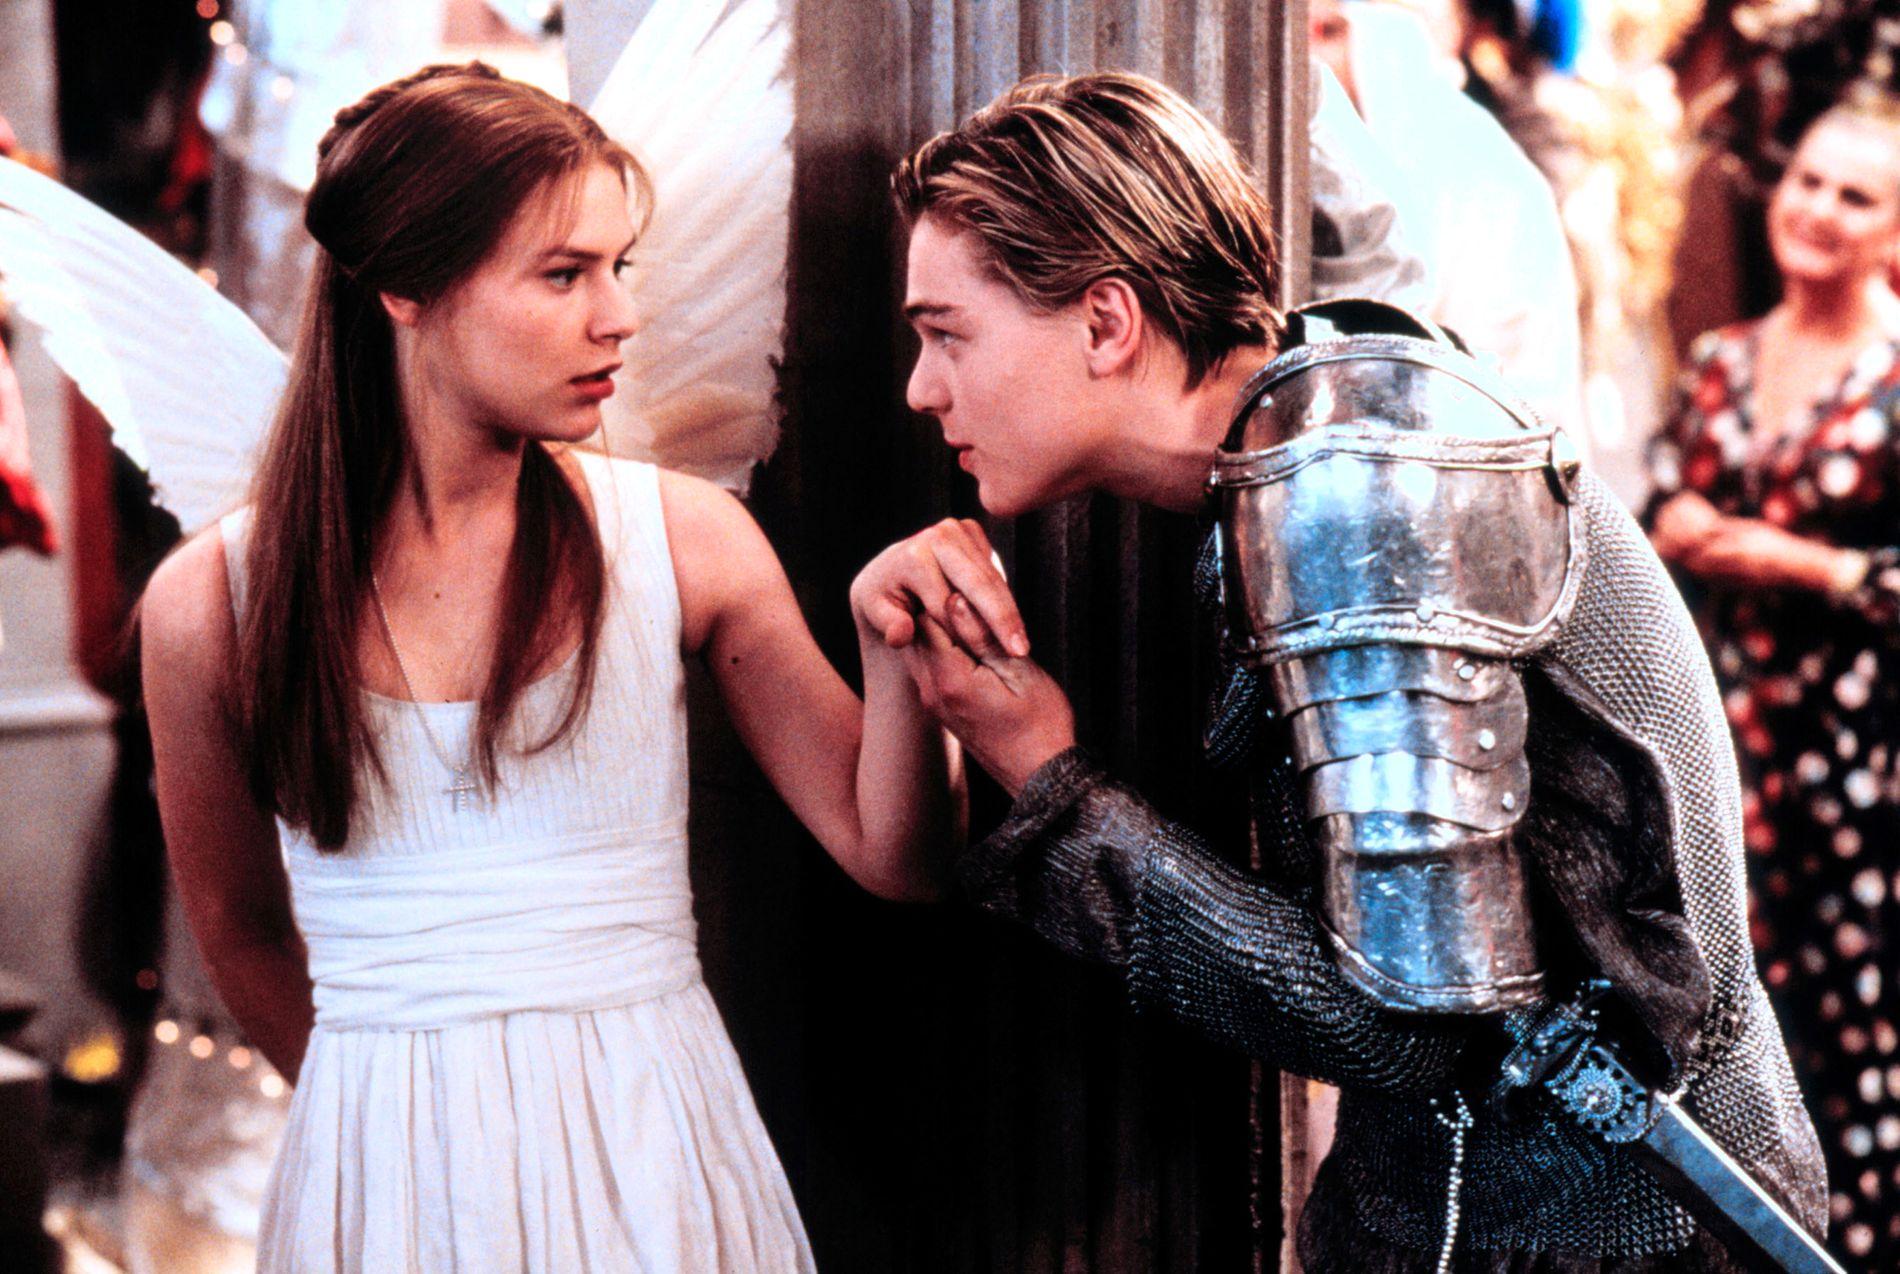 EVENS FAVORITTFILM: «Romeo + Juliet», et amerikansk drama fra 1996 av Baz Luhrmann, er en gjenganger i sesong tre av «Skam». Og jammen dukker ikke sangen «Kissing You» av Des'ree fra filmen opp i scenen med Even og Isak i bassenget.